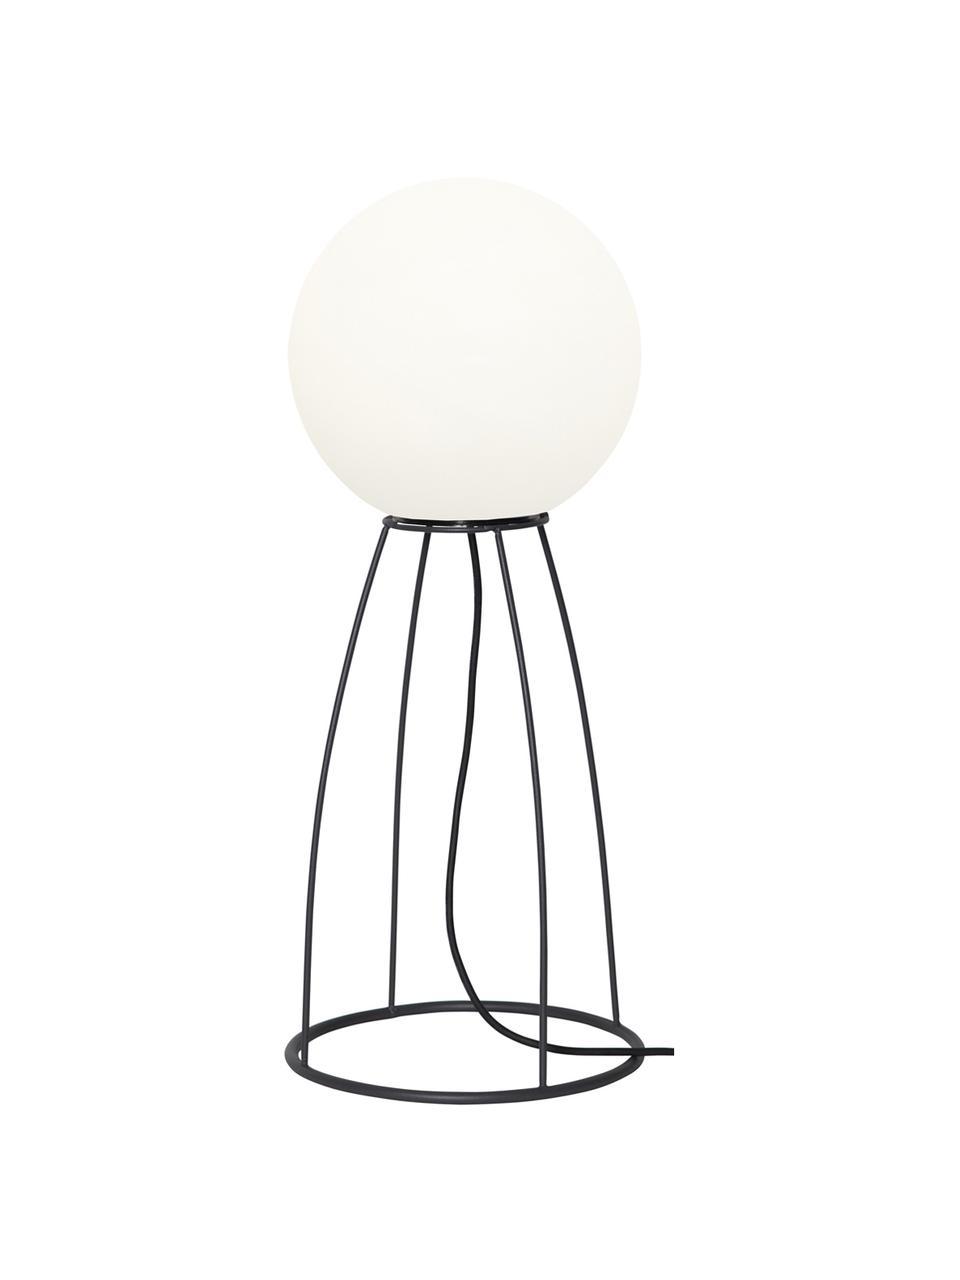 Outdoor LED vloerlamp Gardenlight, Kunststof, metaal, Wit, zwart, Ø 29 x H 70 cm